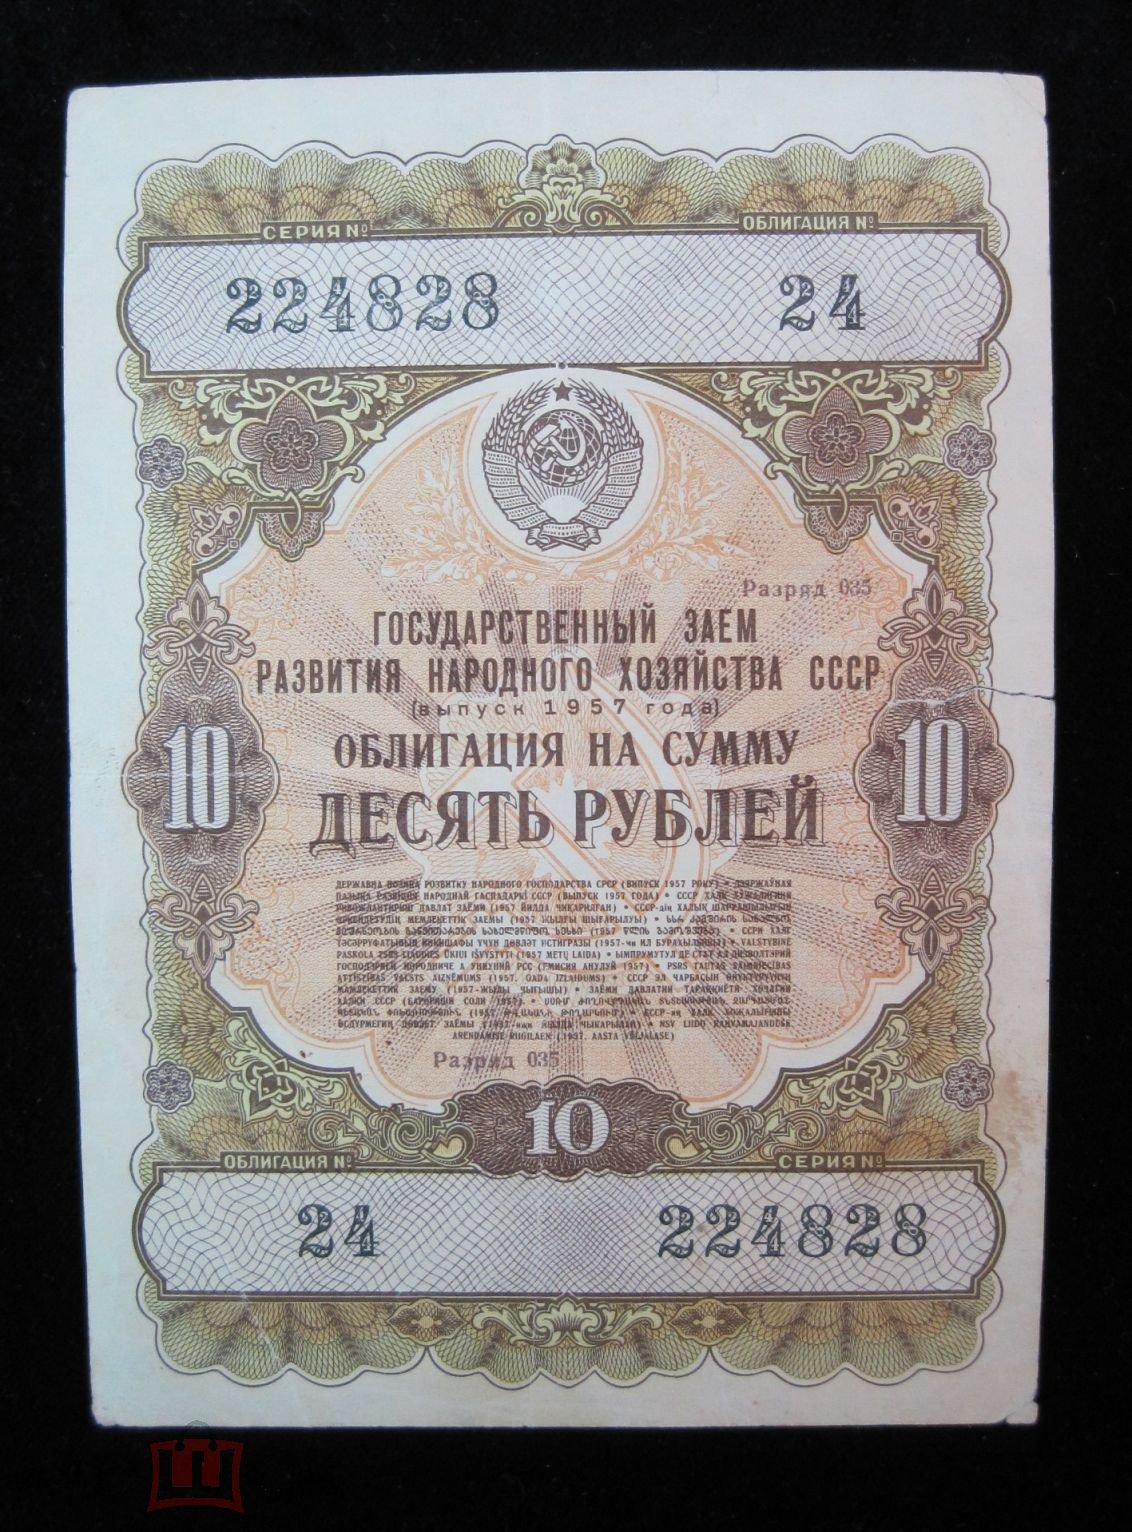 государственный займ 1957 года россельхозбанк повторная заявка на кредит